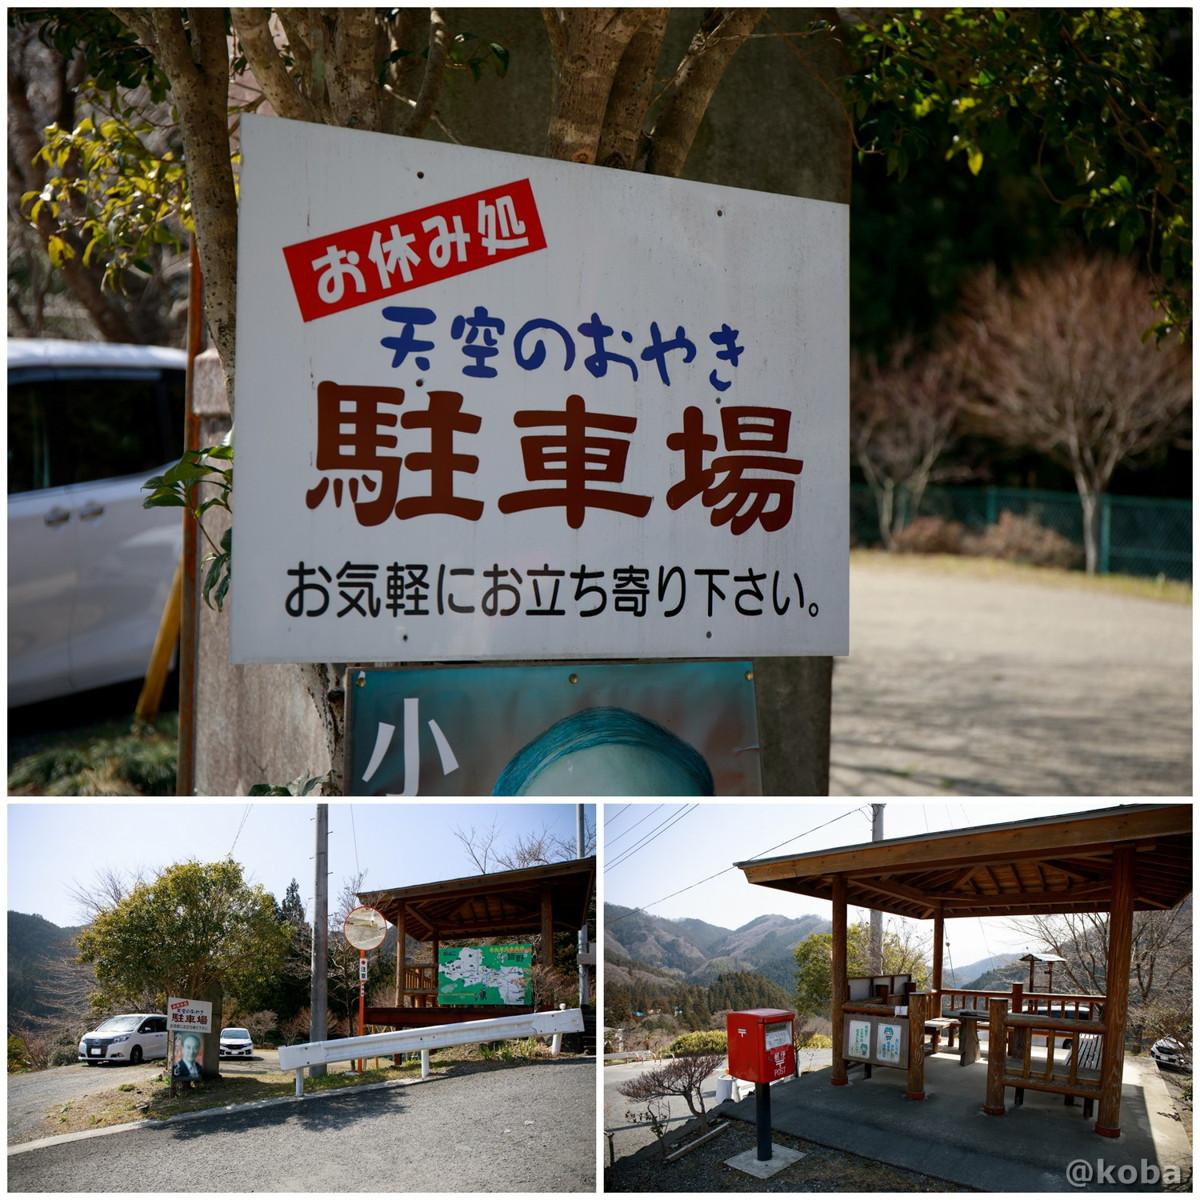 駐車場│天空のおやき(てんくうのおやき)│埼玉県秩父郡│こばフォトブログ@koba